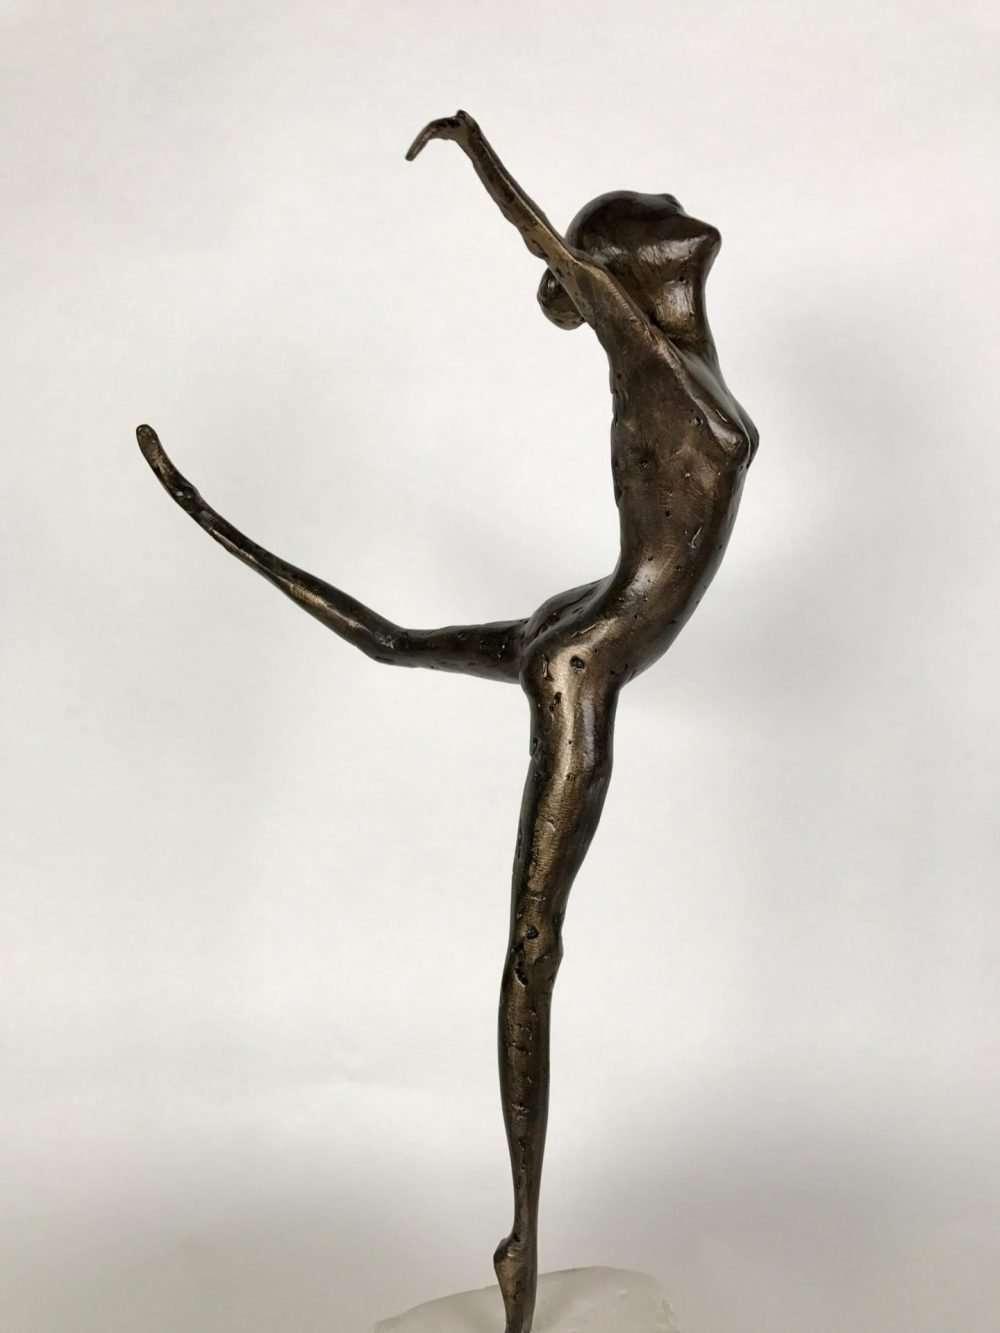 Bronze Coryphee Sculpture In A Gallery